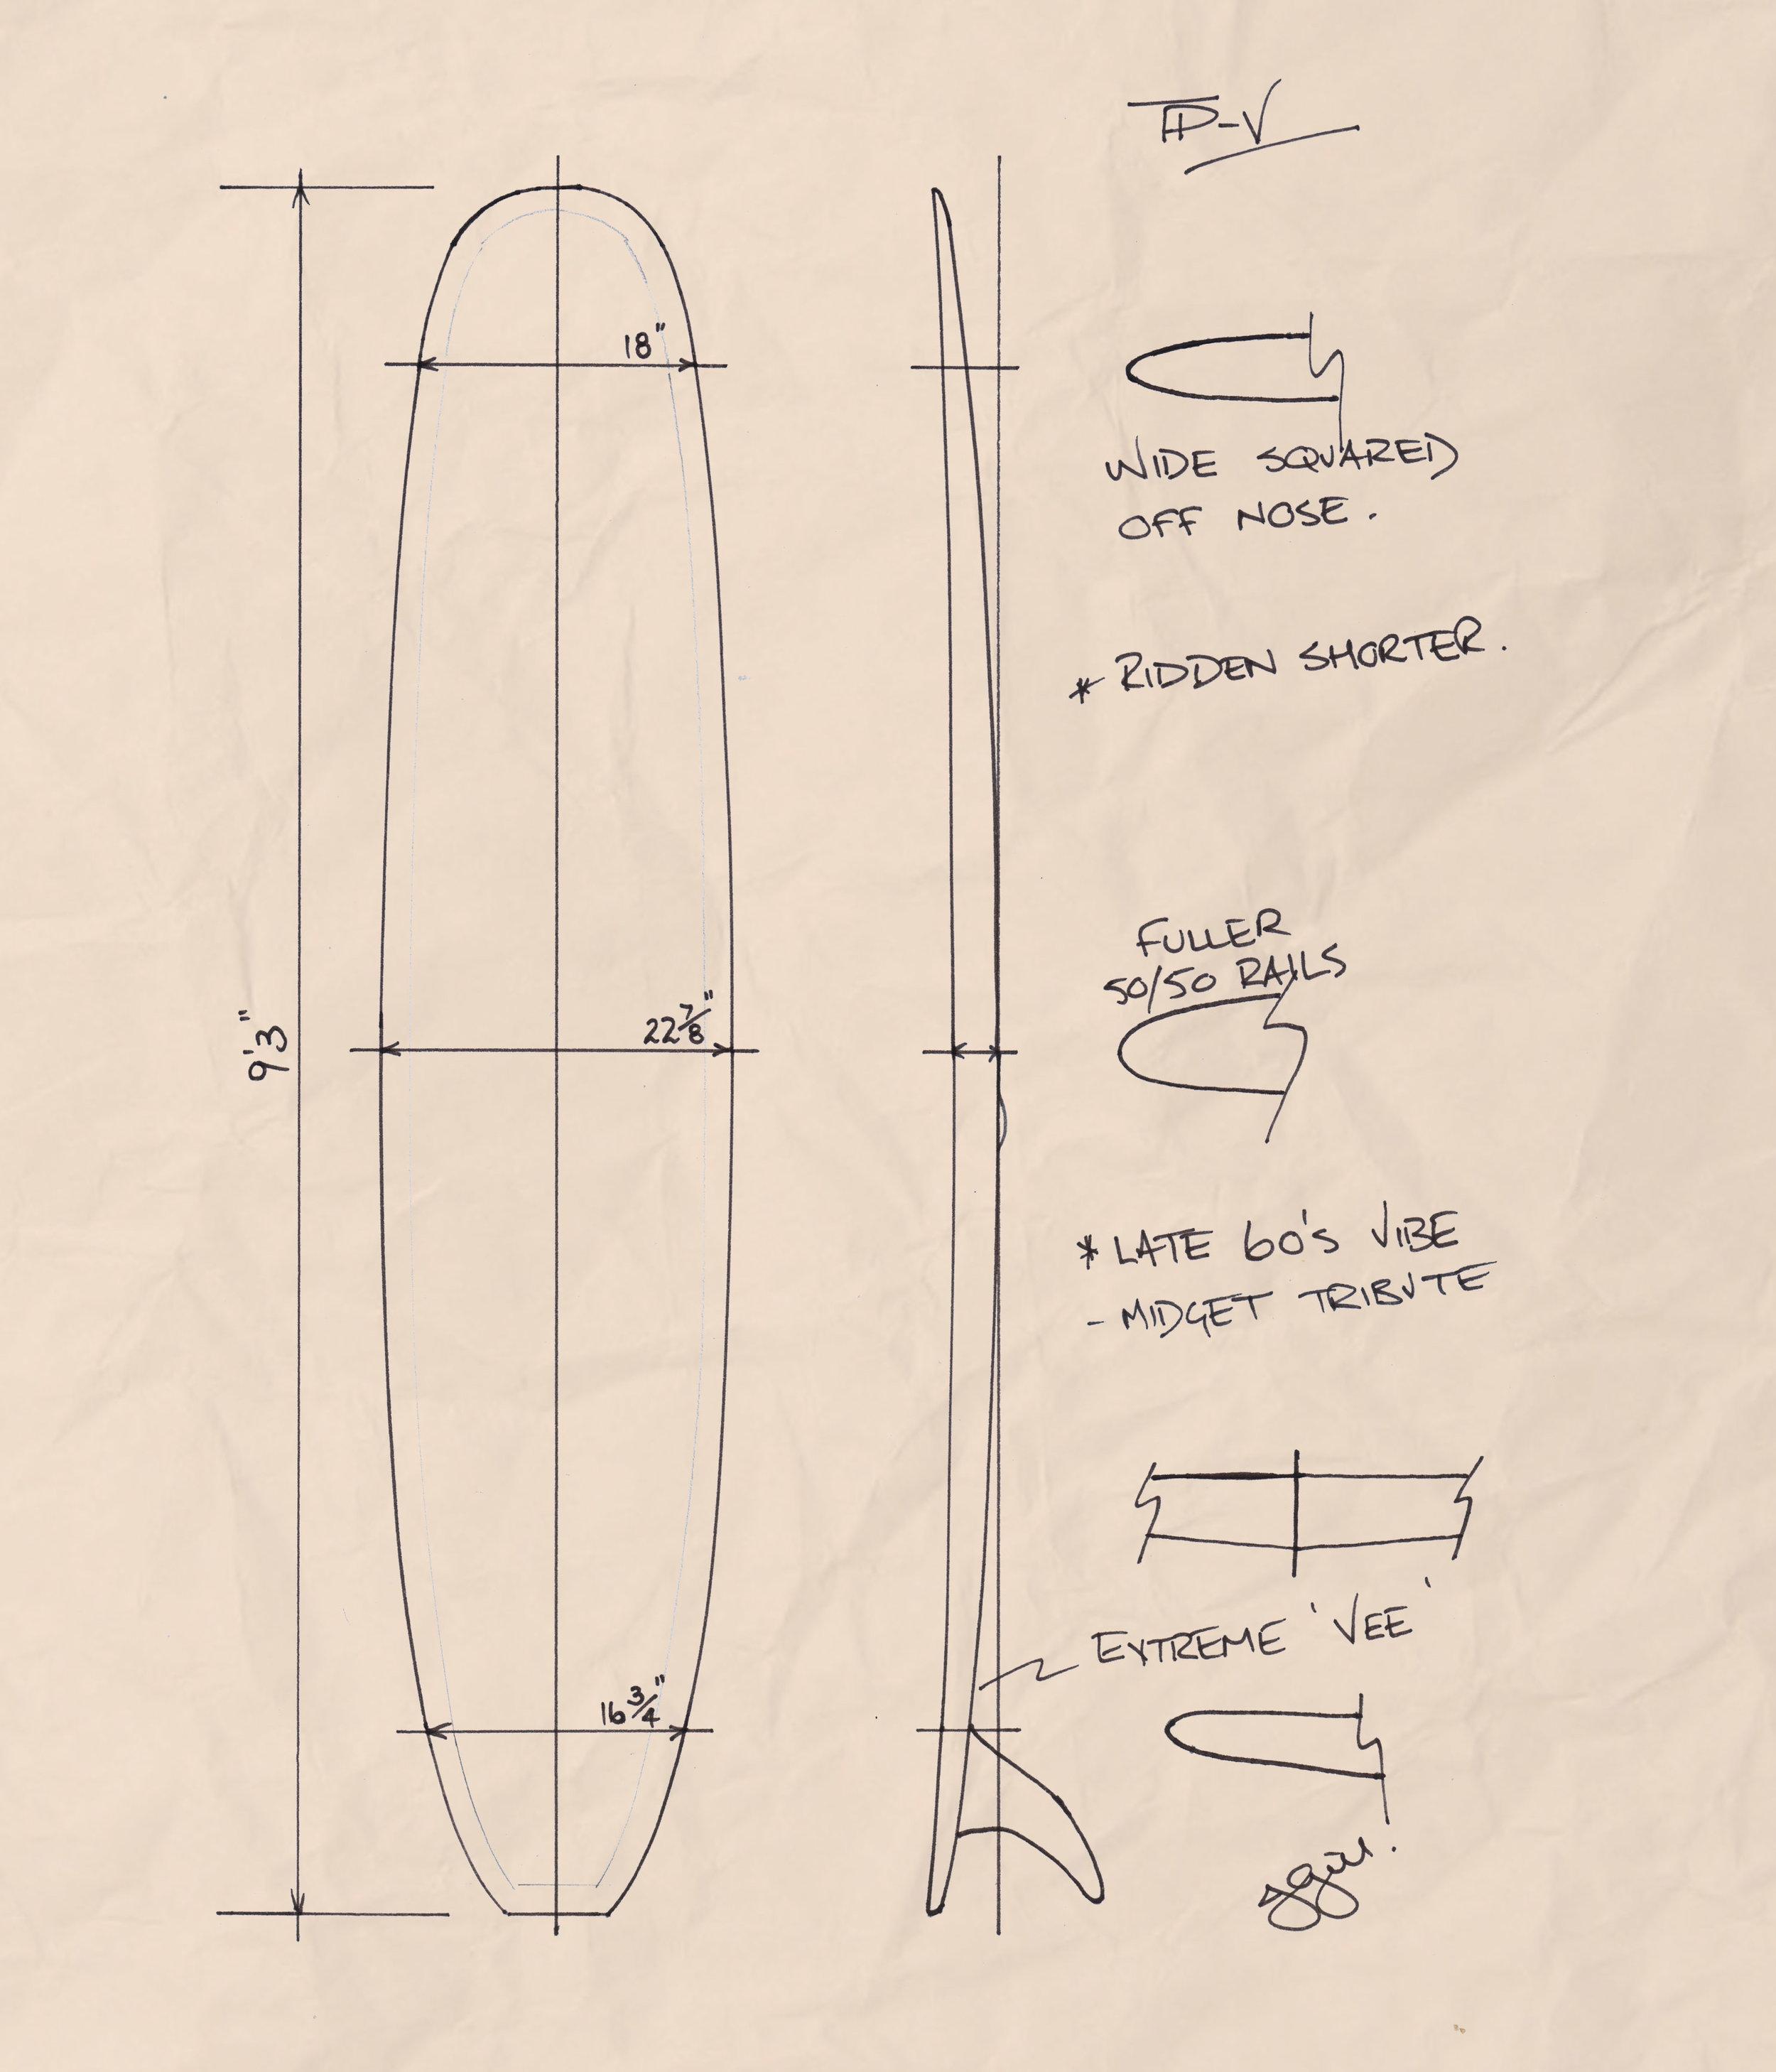 TPV_blueprint_paper.jpg